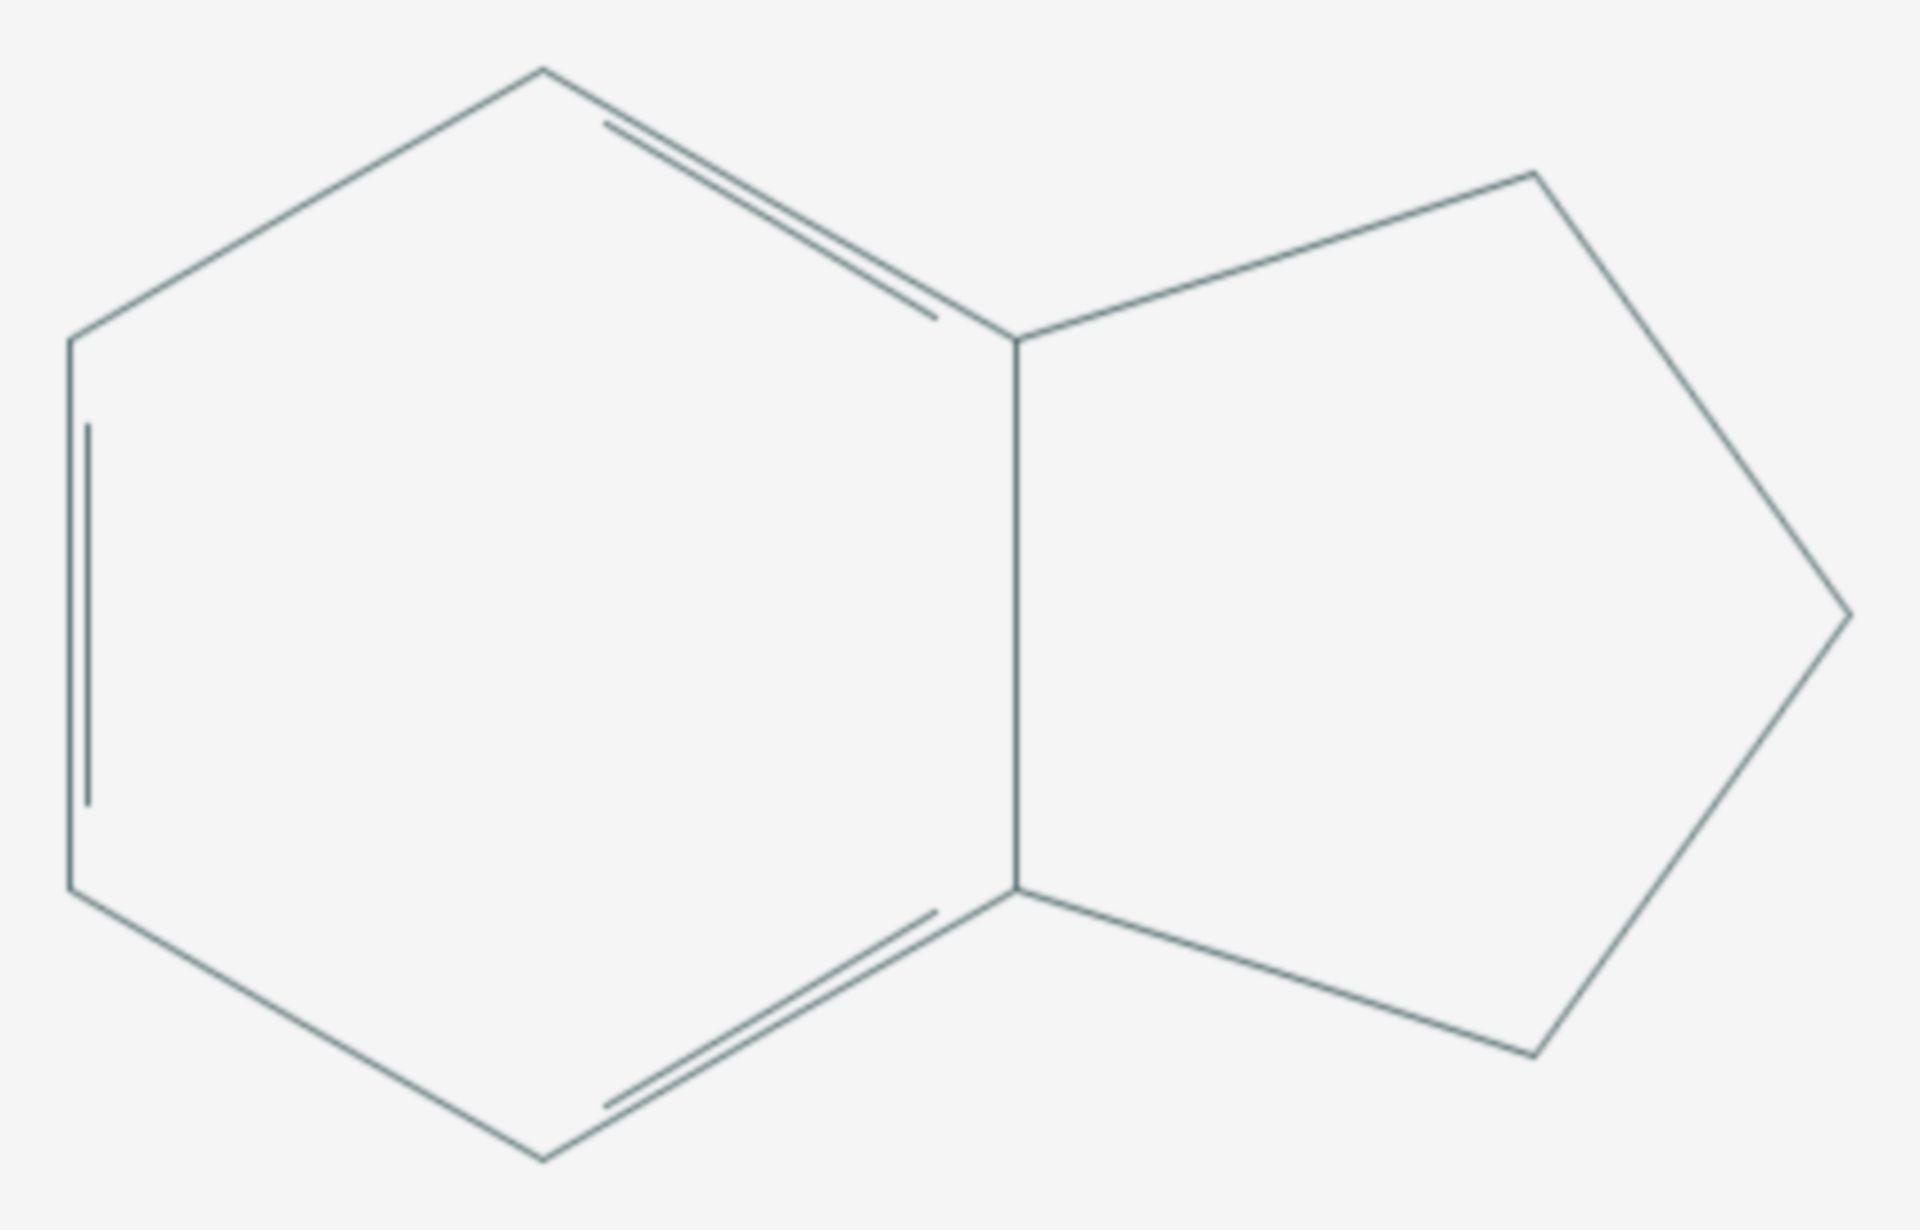 Indan (Strukturformel)